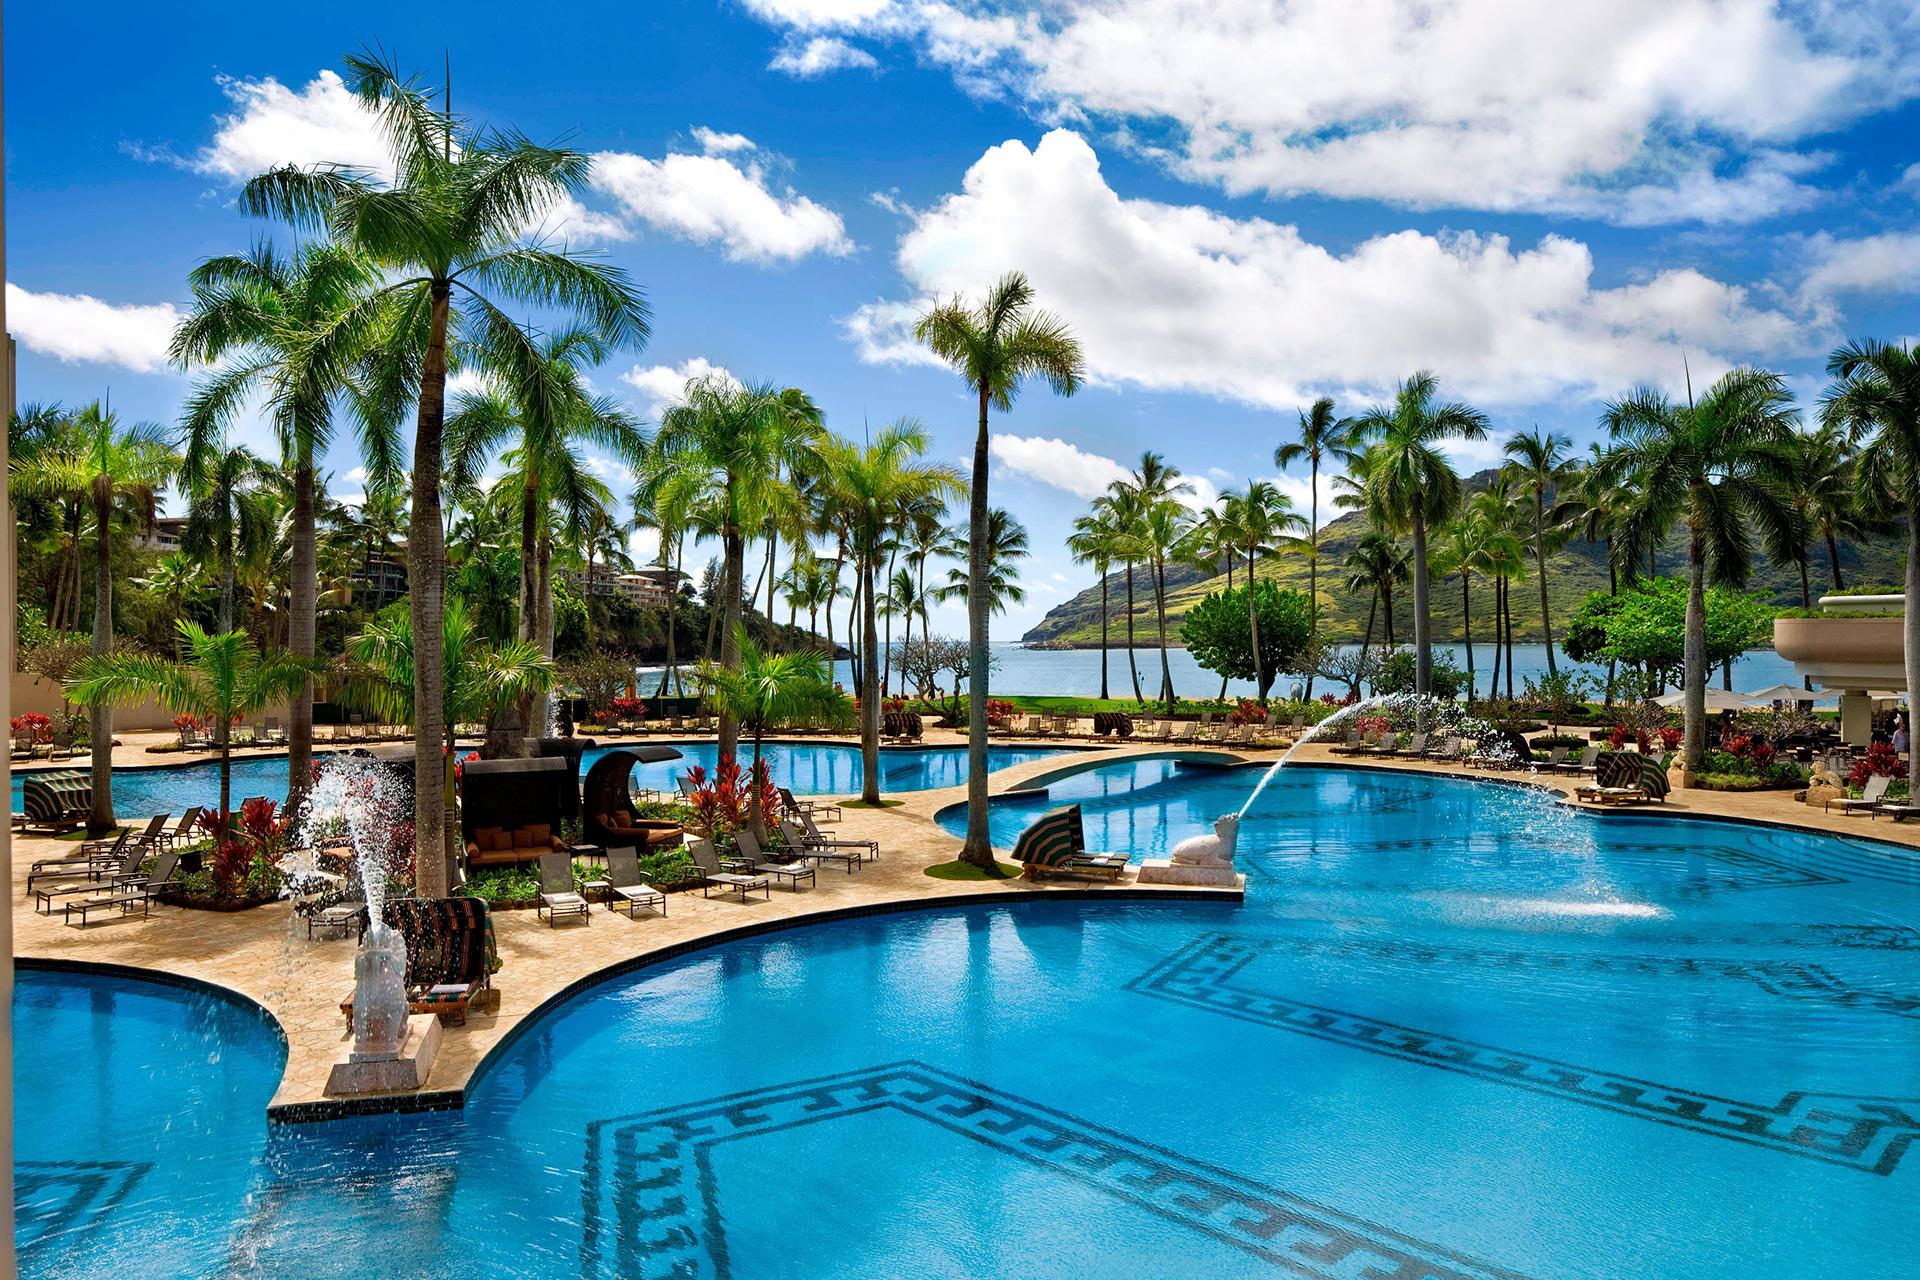 Say Aloha To Rates Starting at $249!